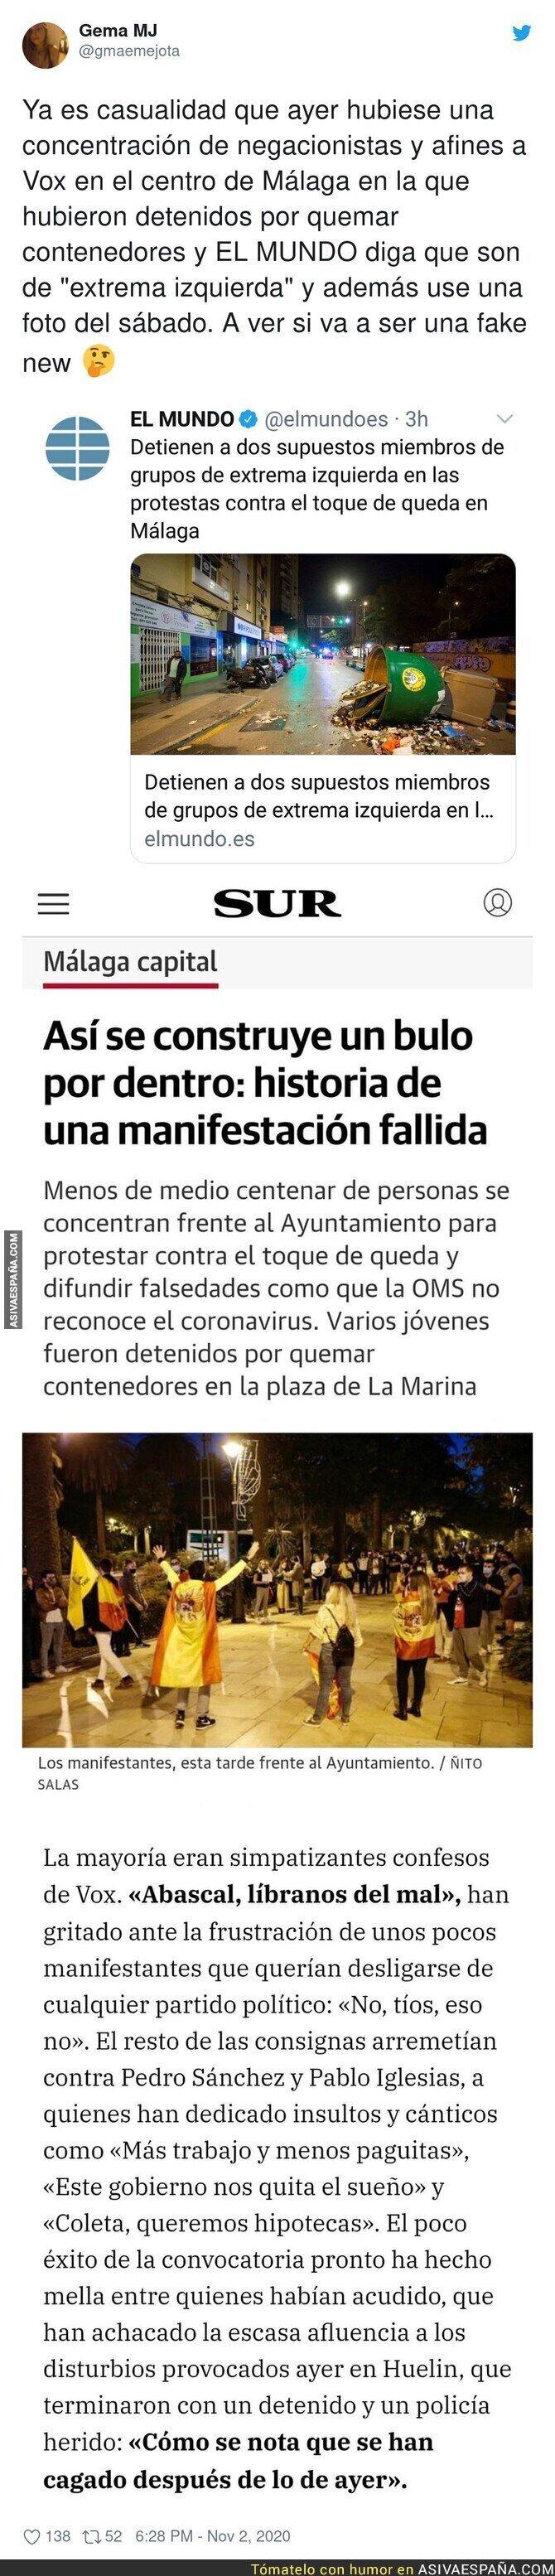 446748 - La noticia de El Mundo que es muy sospechosa de ser falsa para culpar a la extrema izquierda sin motivo